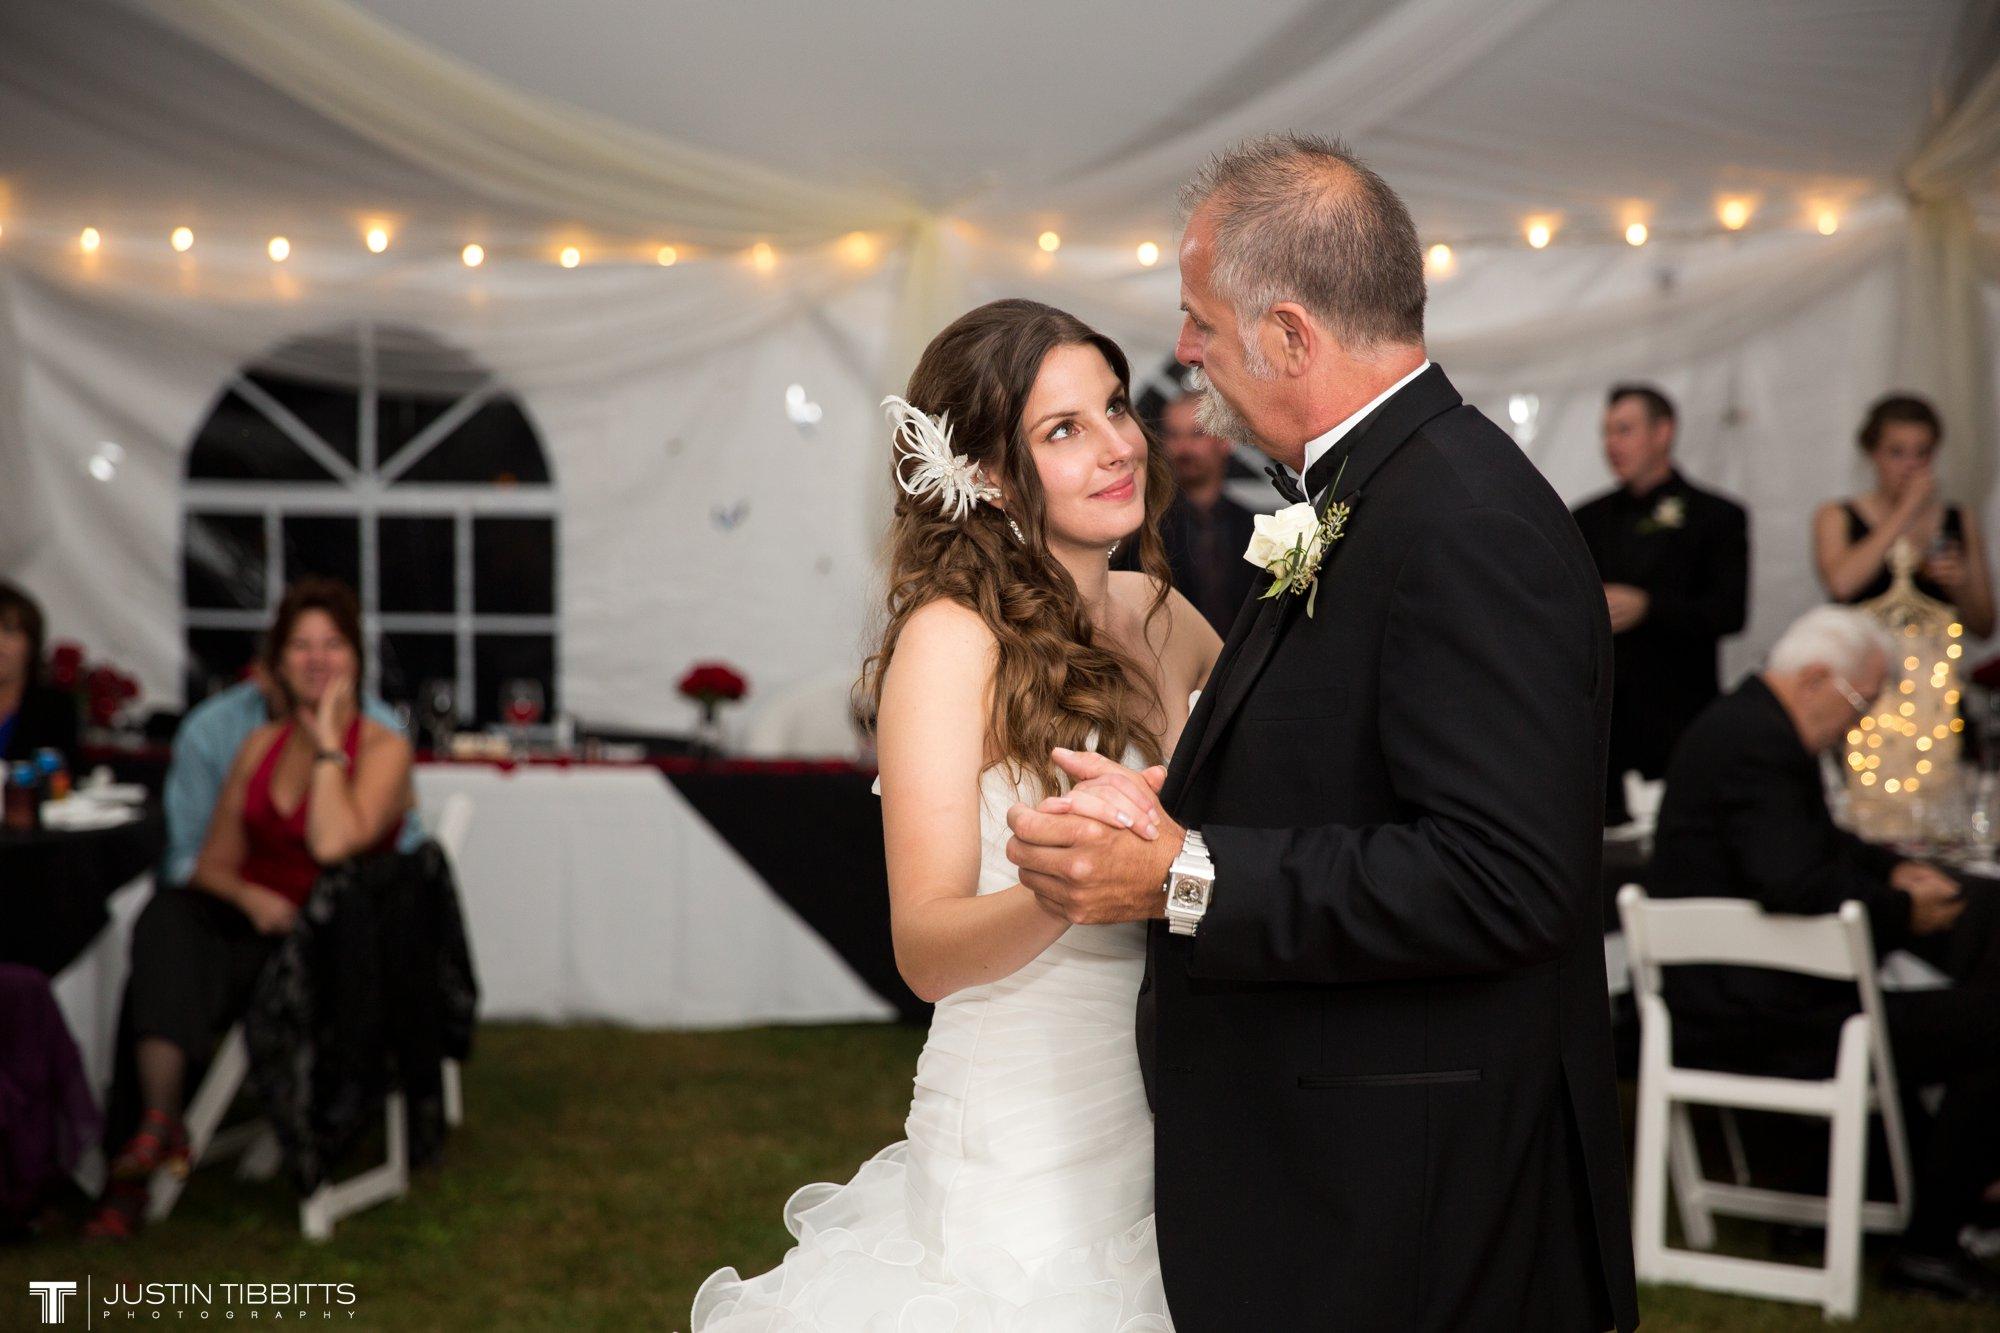 Albany NY Wedding Photographer Justin Tibbitts Photography 2014 Best of Albany NY Weddings-203Albany NY Wedding Photographer Justin Tibbitts Photography Albany NY Best of Weddings17